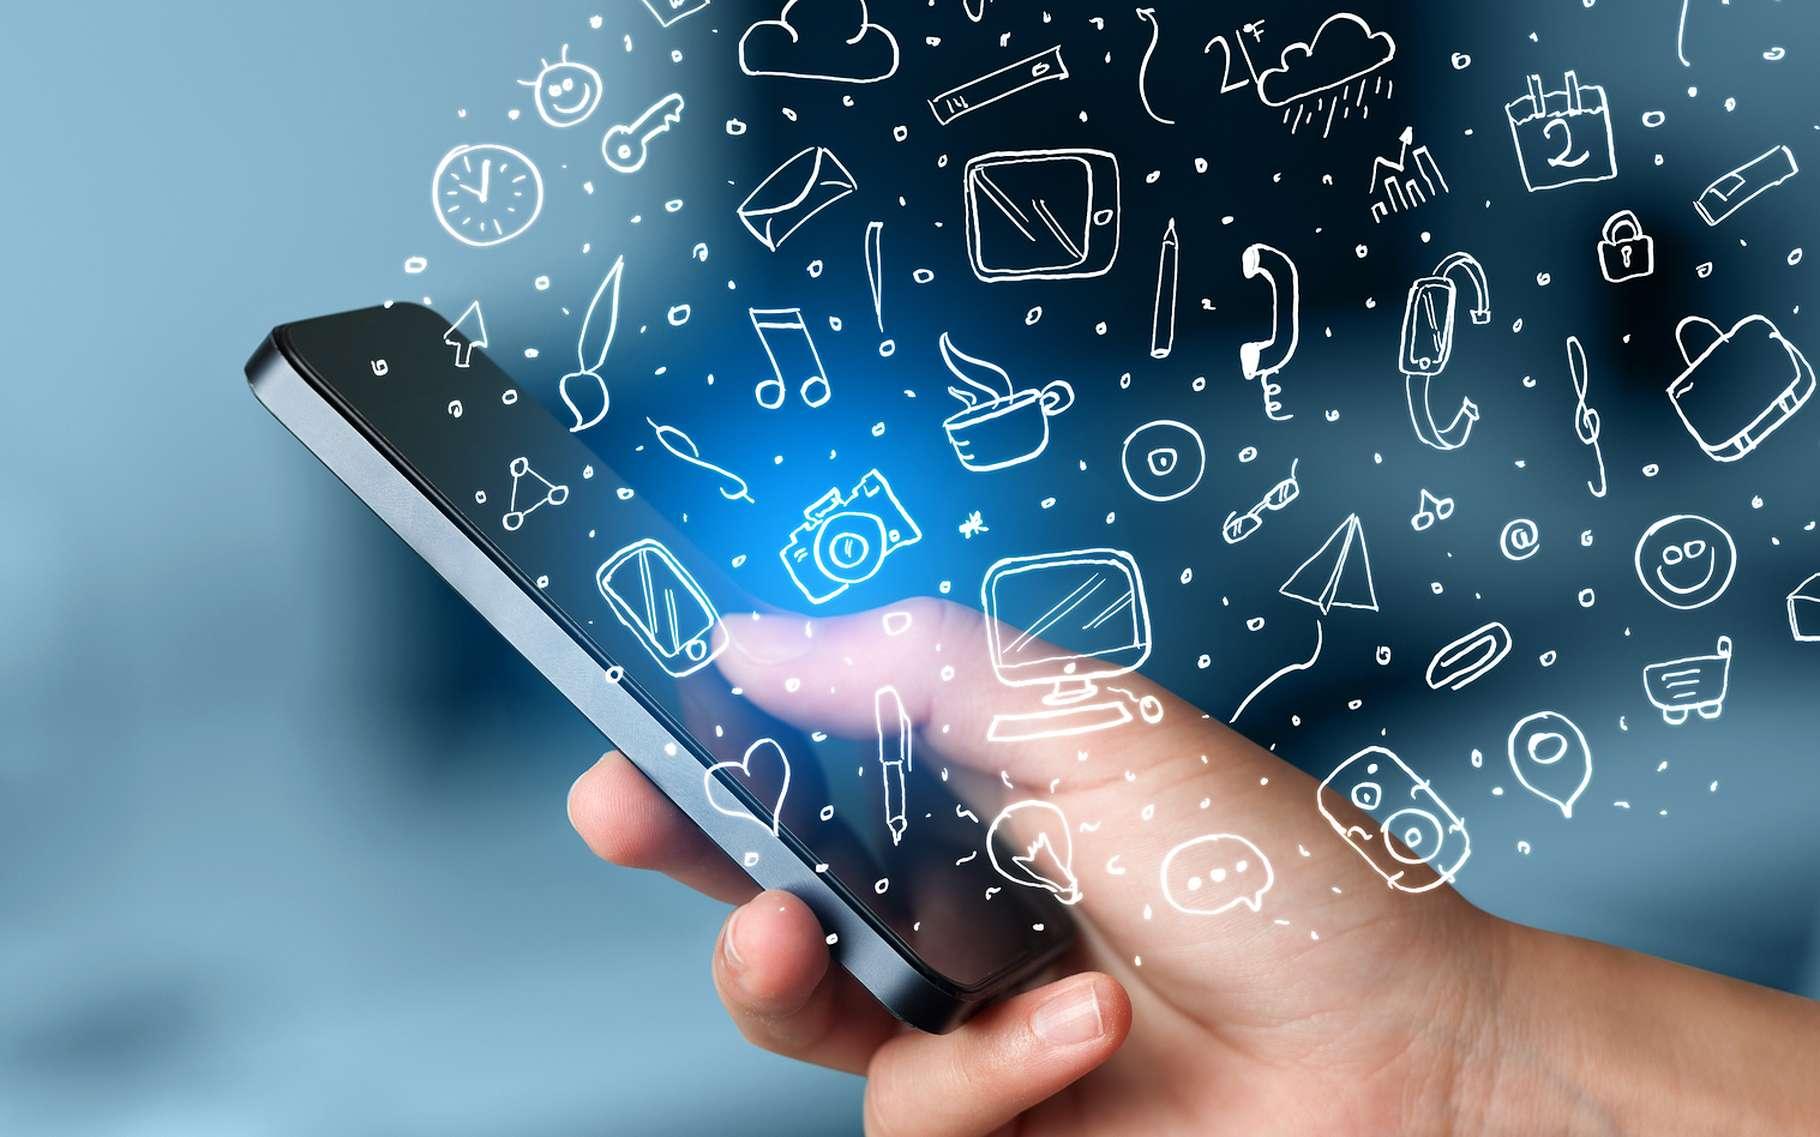 Grâce à des transistors à base de nanotubes de carbone qui, pour la première fois, surclassent les transistors classiques en silicium, des ingénieurs de l'université du Wisconsin pourraient un jour doper les performances des futurs smartphones. © ra2studio, Shutterstock